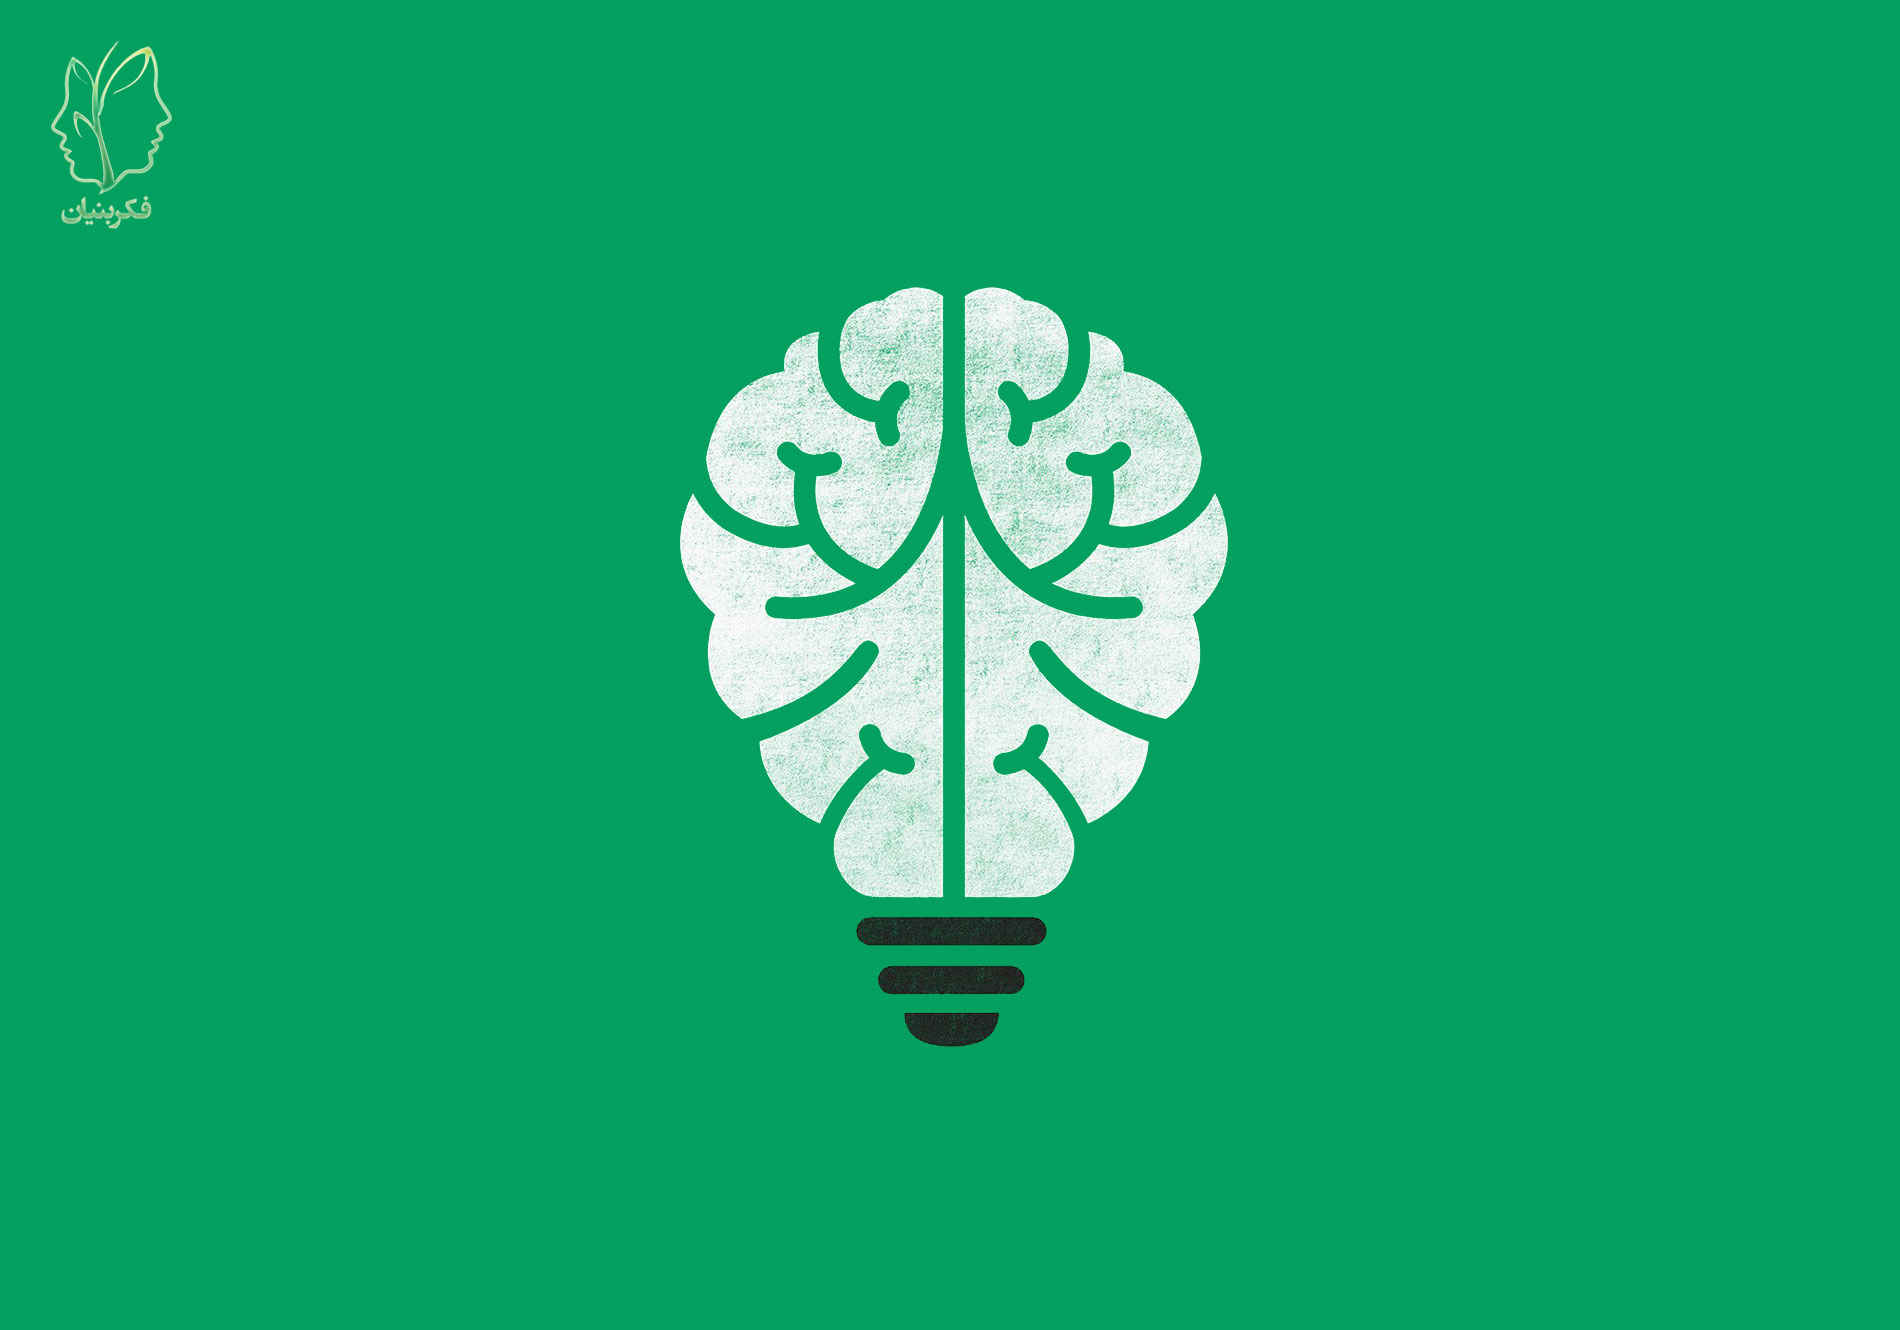 در مطالعات و پروژههای تحقیقی بسیاری که تاکنون انجامشده، رابطه بین هوش و اضطراب ثابتشده است.